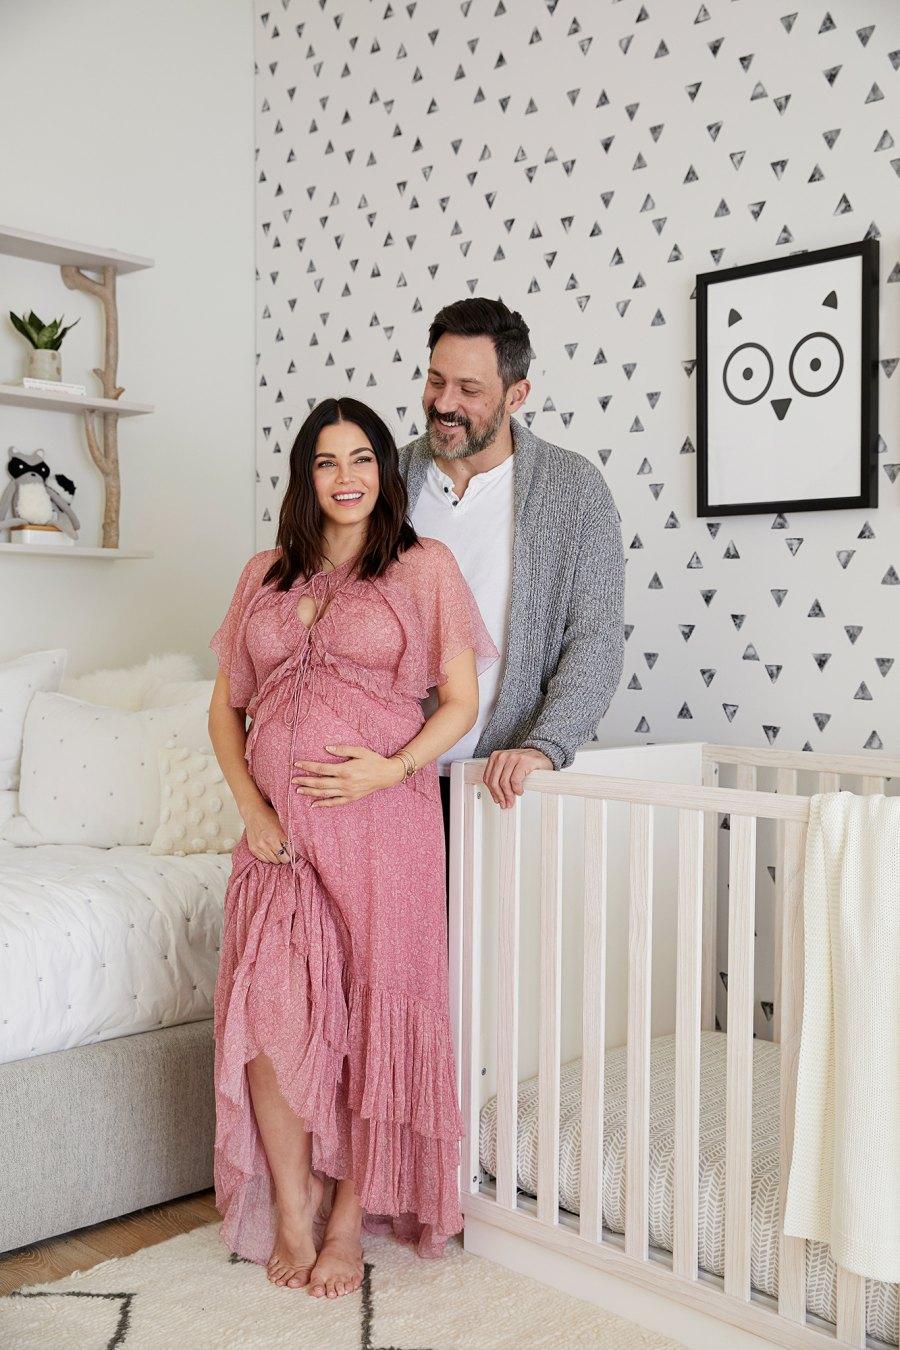 Inside Pregnant Jenna Dewan and Steve Kazee's 'Neutral' Nursery Ahead of Child's Arrival